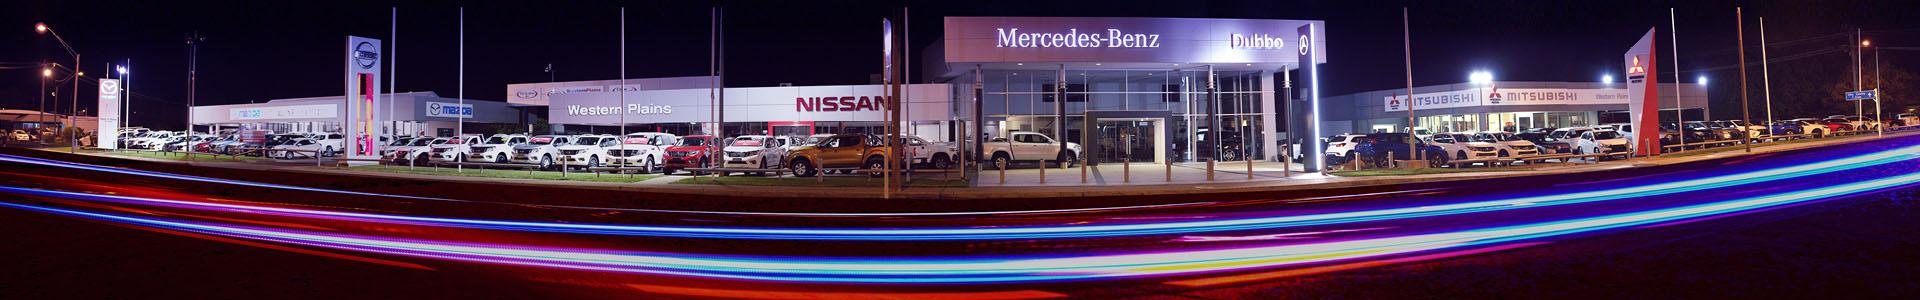 Western Plains Automotive Wide Angle Photo